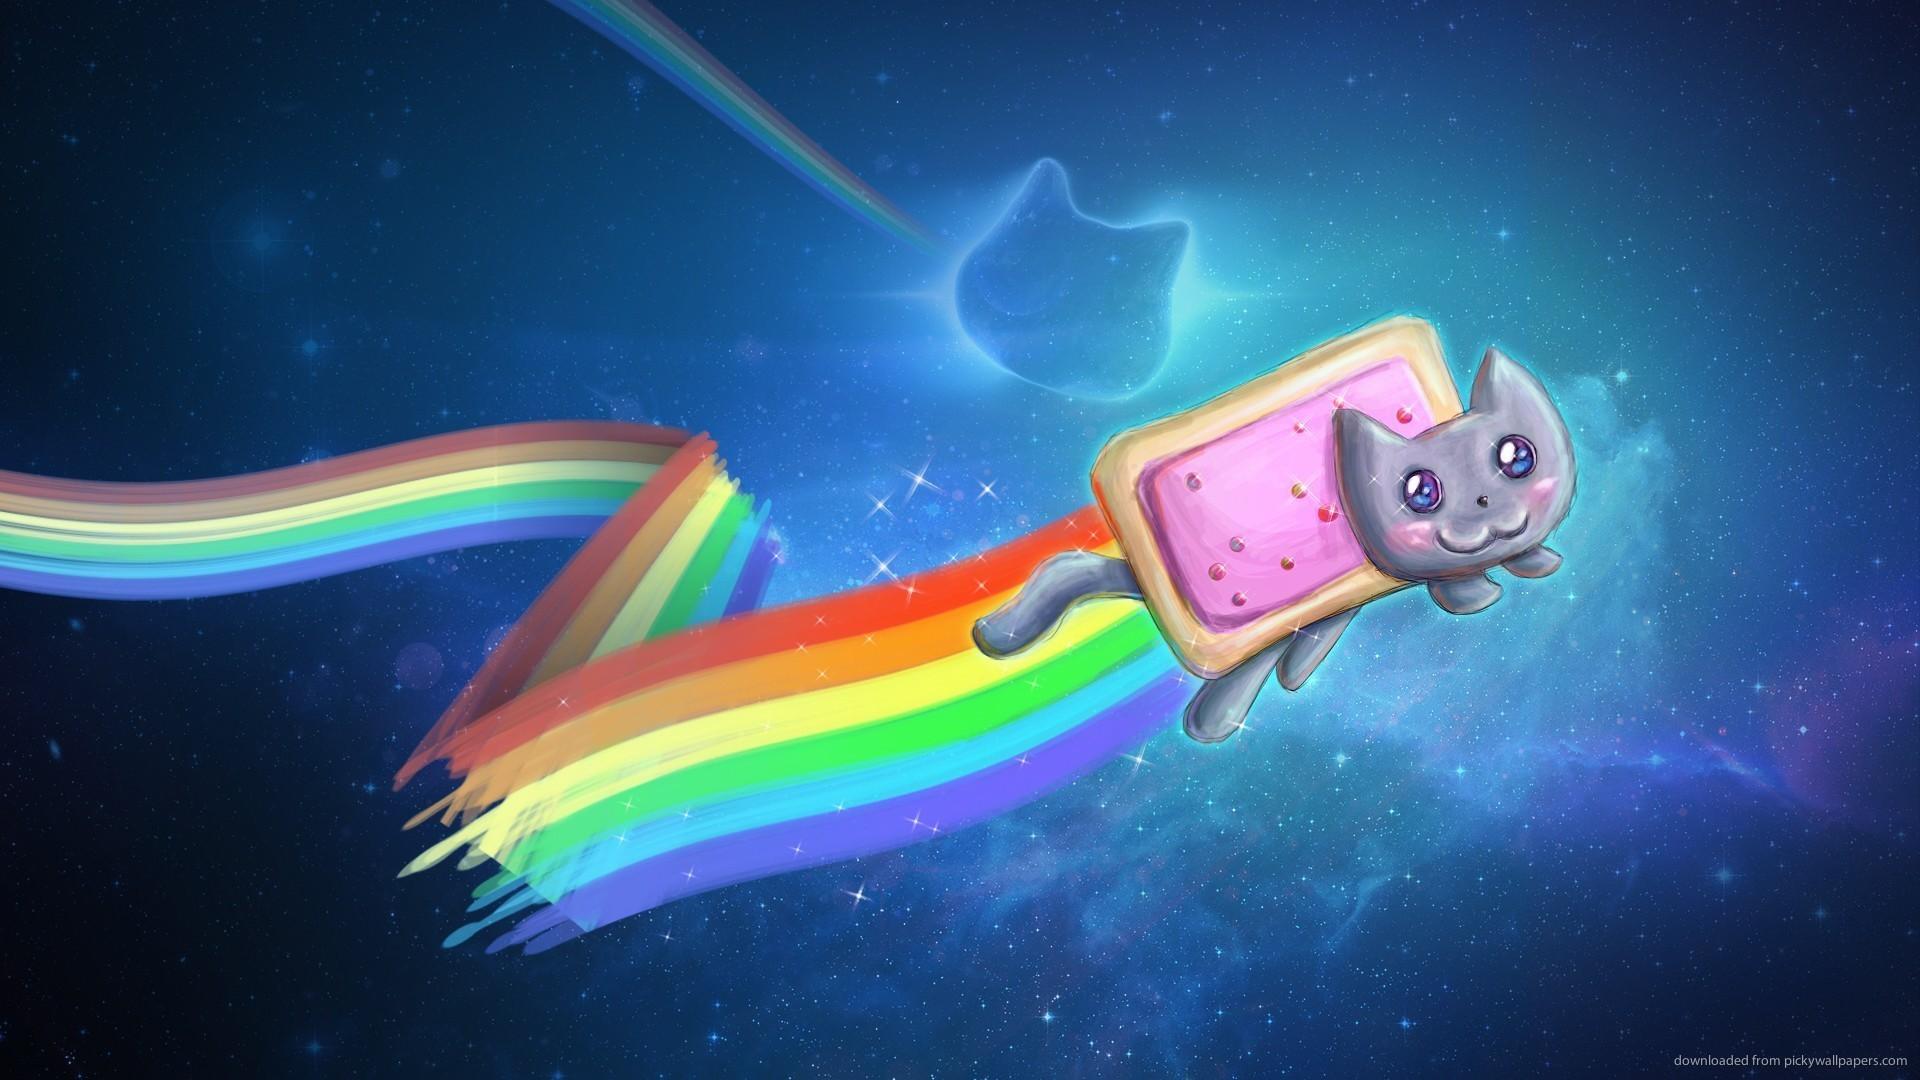 HD Nyan Cat Cool Art Wallpaper 1920x1080